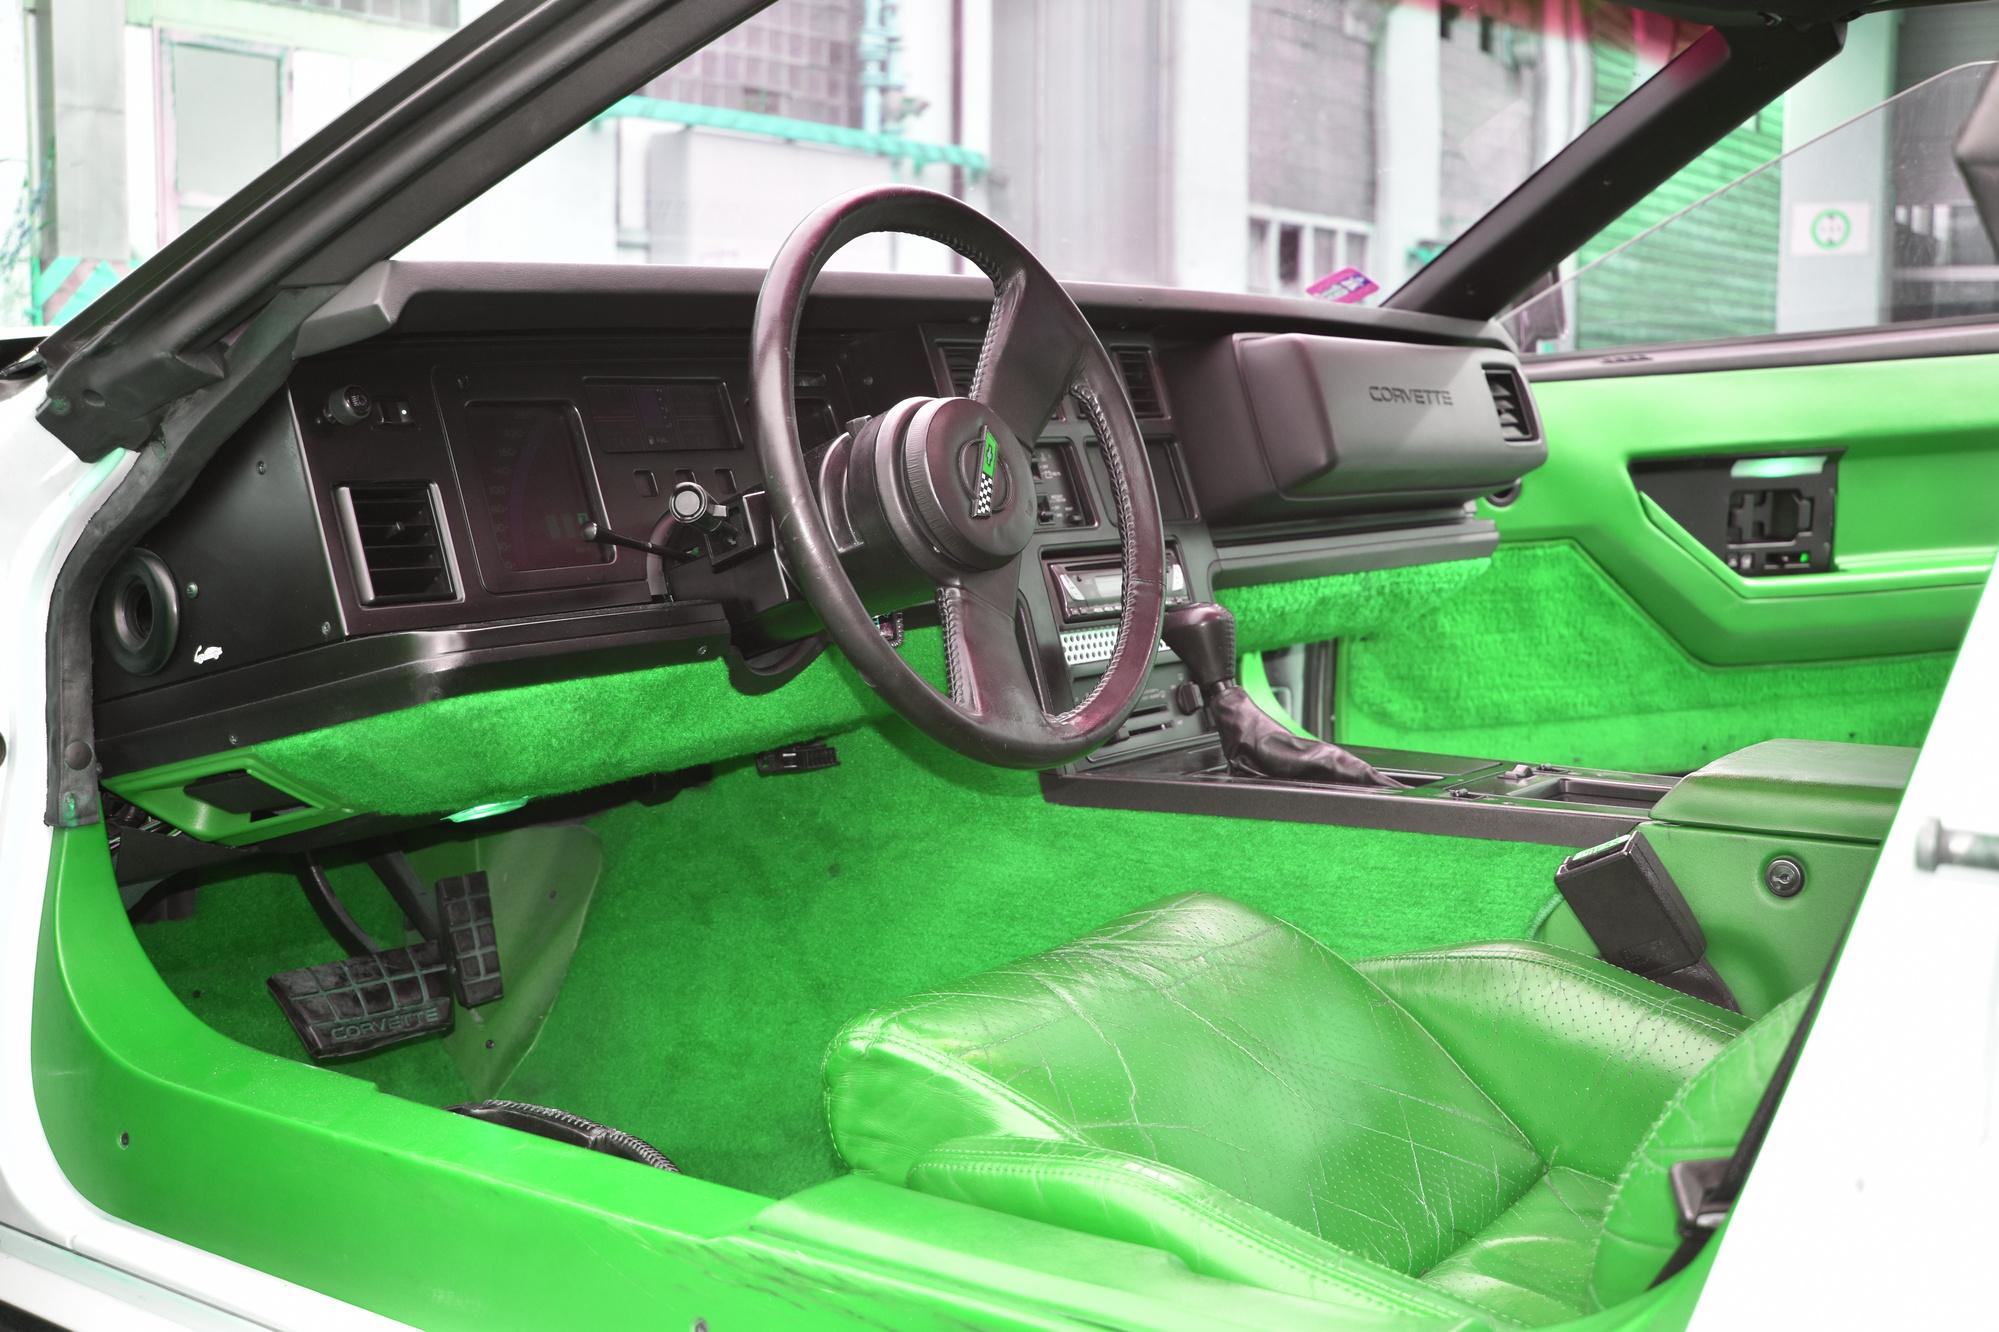 Rotes Interieur einer weissen Chevrolet Corvette C4 Targa 350 cuin 5.7 Liter aus dem Jahre 1984 von Fahrerseite